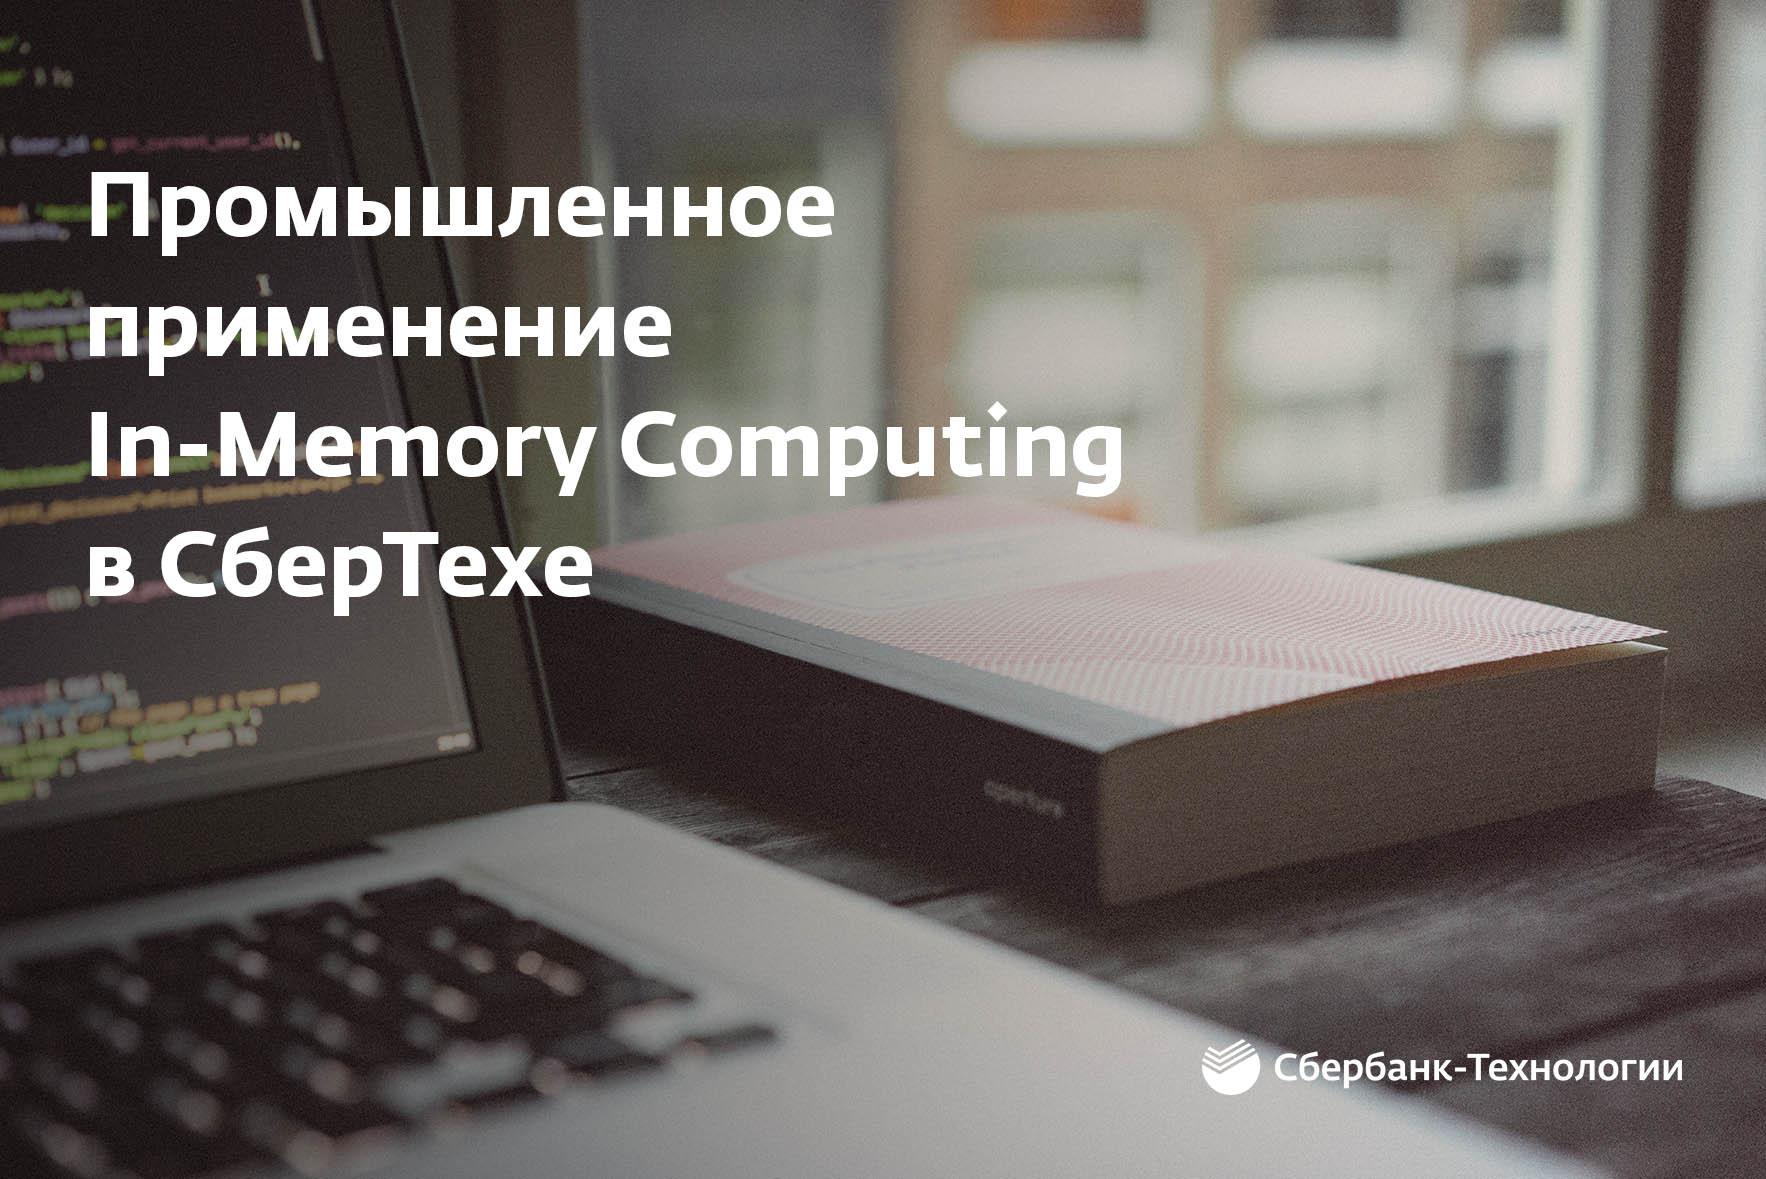 «Один из ежедневных процессов ускоряется с 3 часов до 15 минут»: Андрей Богословских о in-memory computing в СберТехе